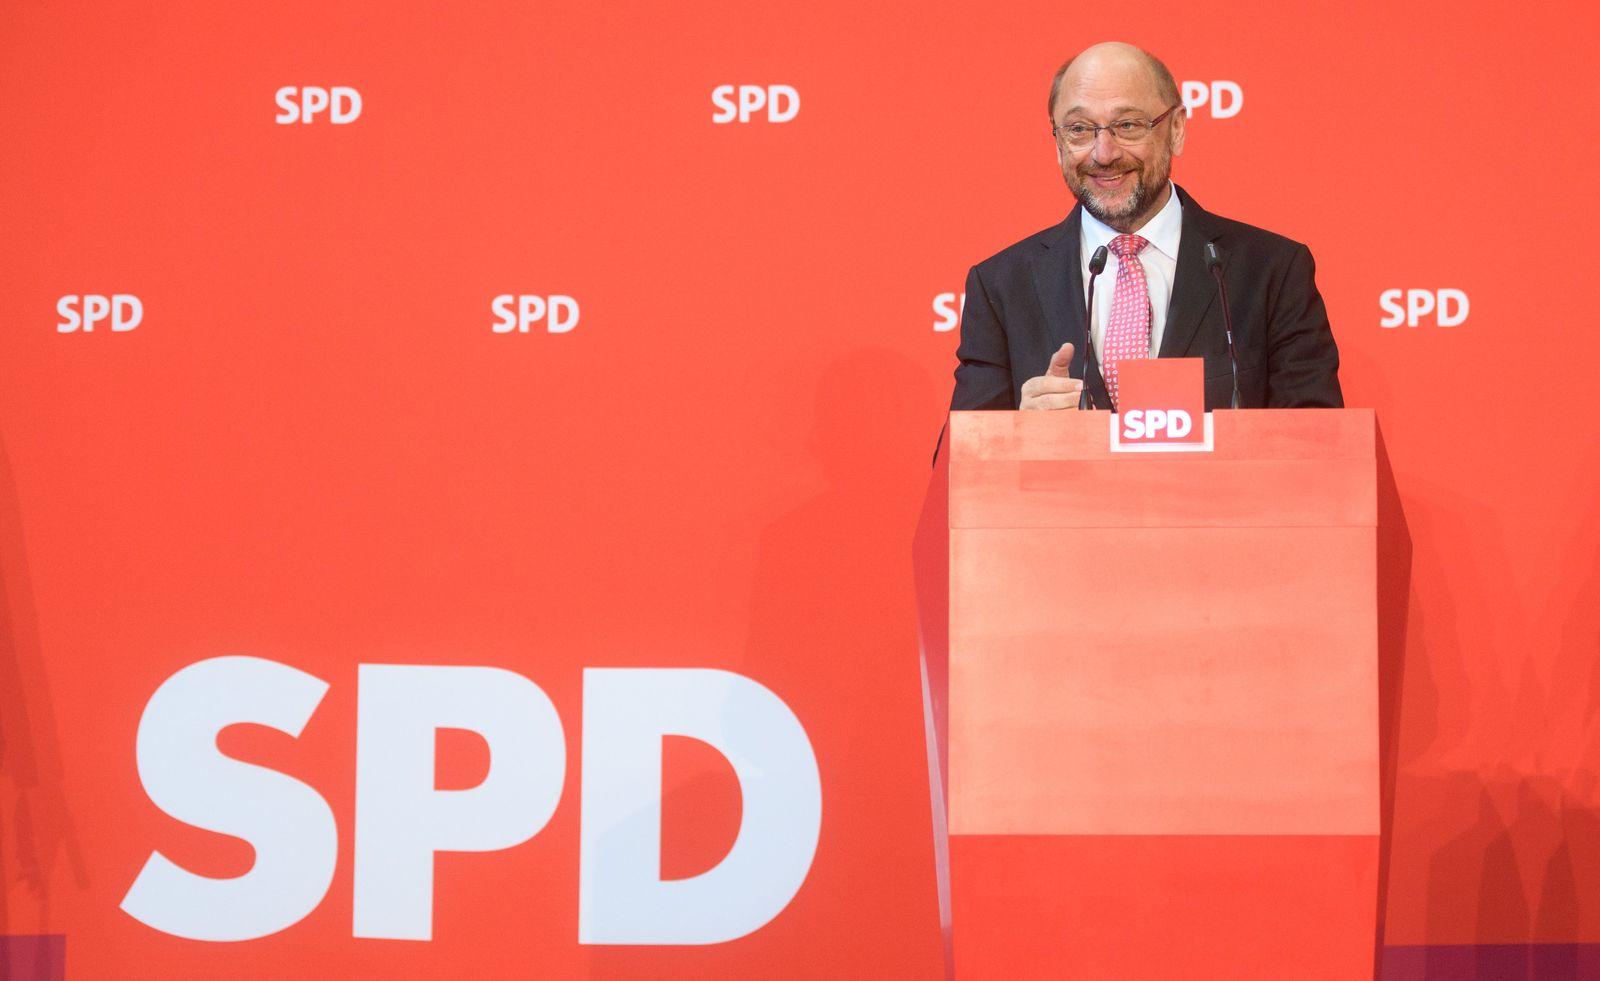 Martin Schulz / SPD